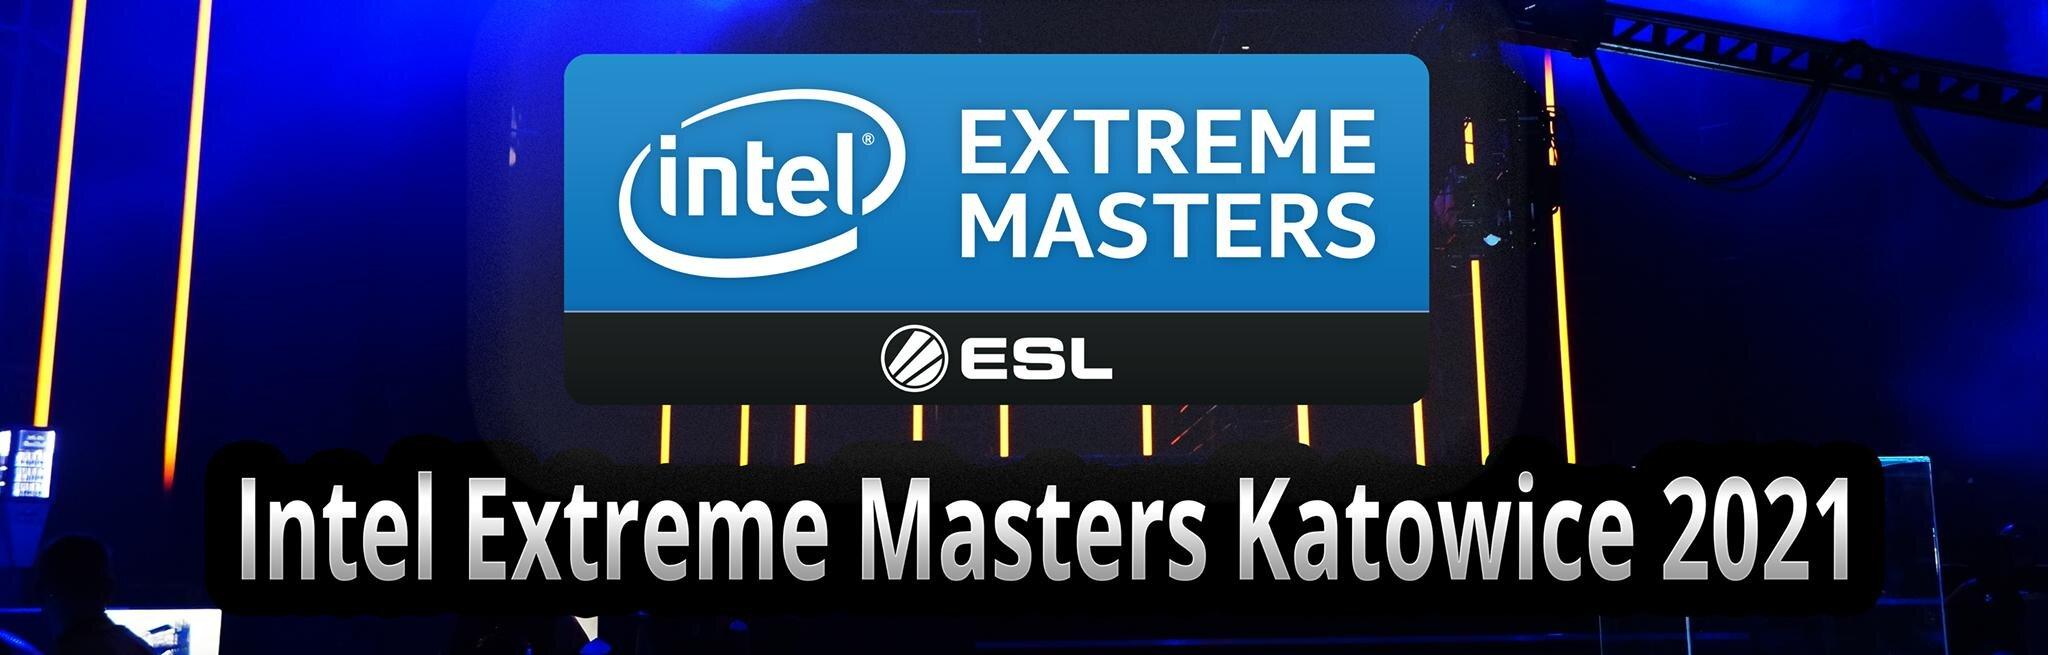 Intel Extreme Masters Katowice 2021